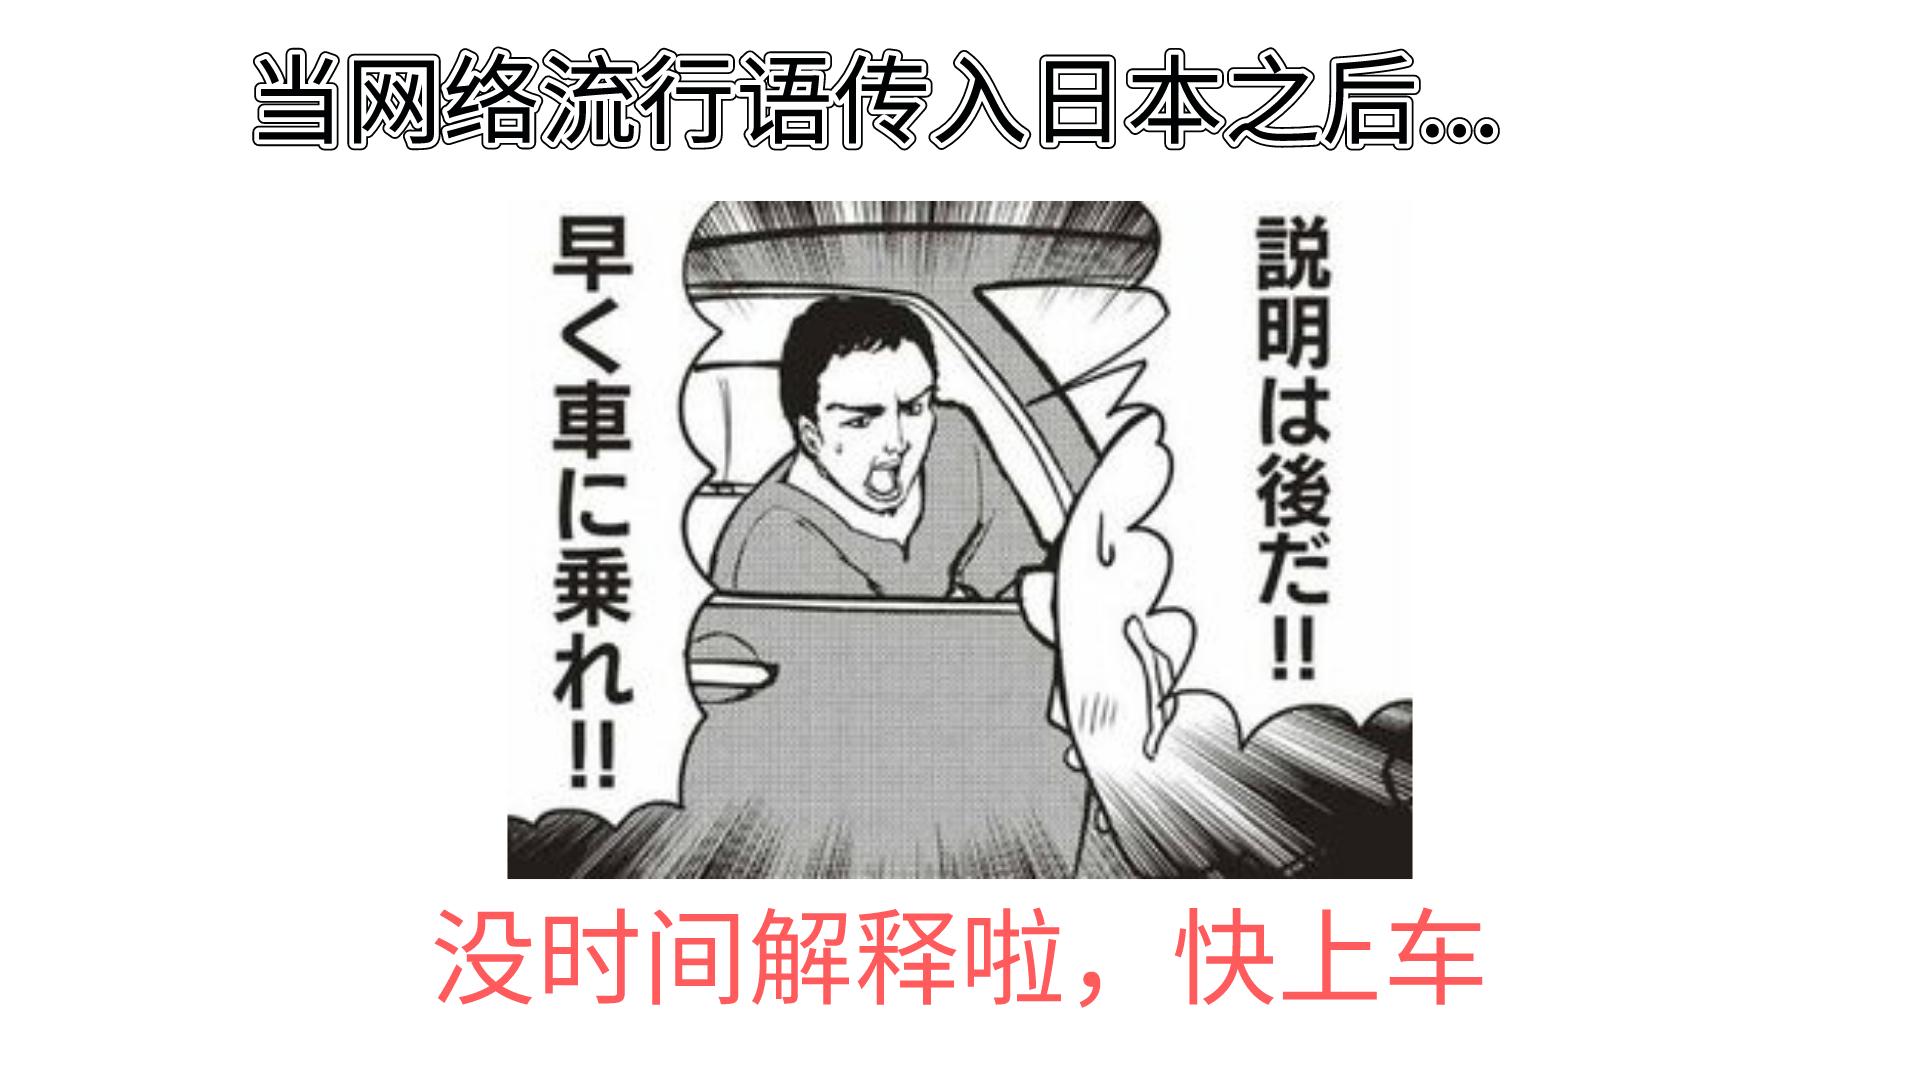 某沙雕日语老师把流行语翻译成日语之后,正道的光,照在了大地上